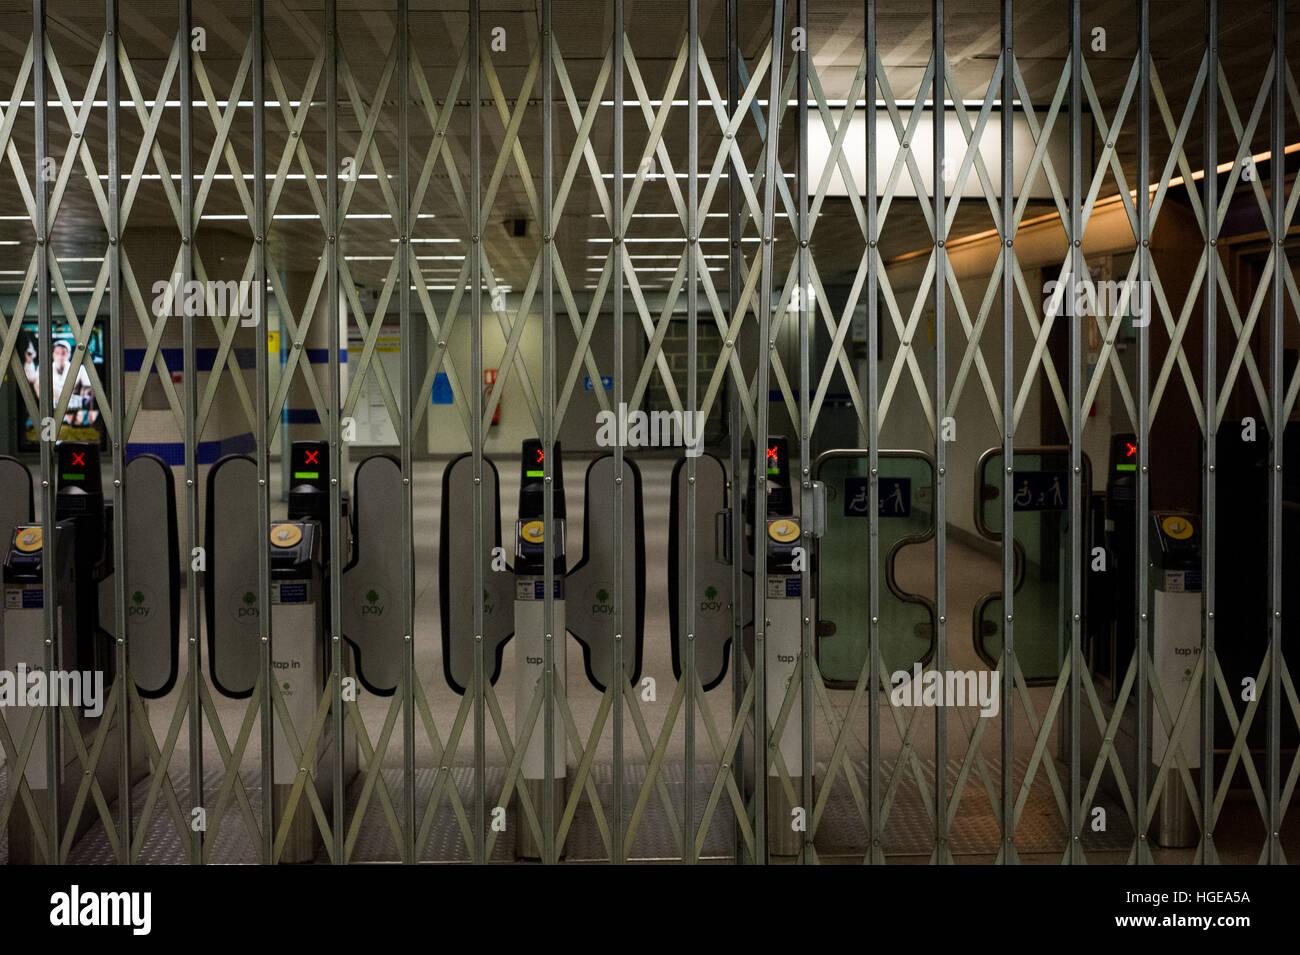 Londra, Inghilterra, Regno Unito. 8 gennaio 2017. Chiuso Londra sotto la stazione di terra con barriere. Sciopero di 24 ore sulla metropolitana di Londra ha iniziato a 6pm. Trasporto per Londra (TFL) ha informato che ci sarà un servizio ridotto in esecuzione durante lo sciopero. Stazione di Chiusi. Andrew Steven Graham/Alamy Live News Foto Stock